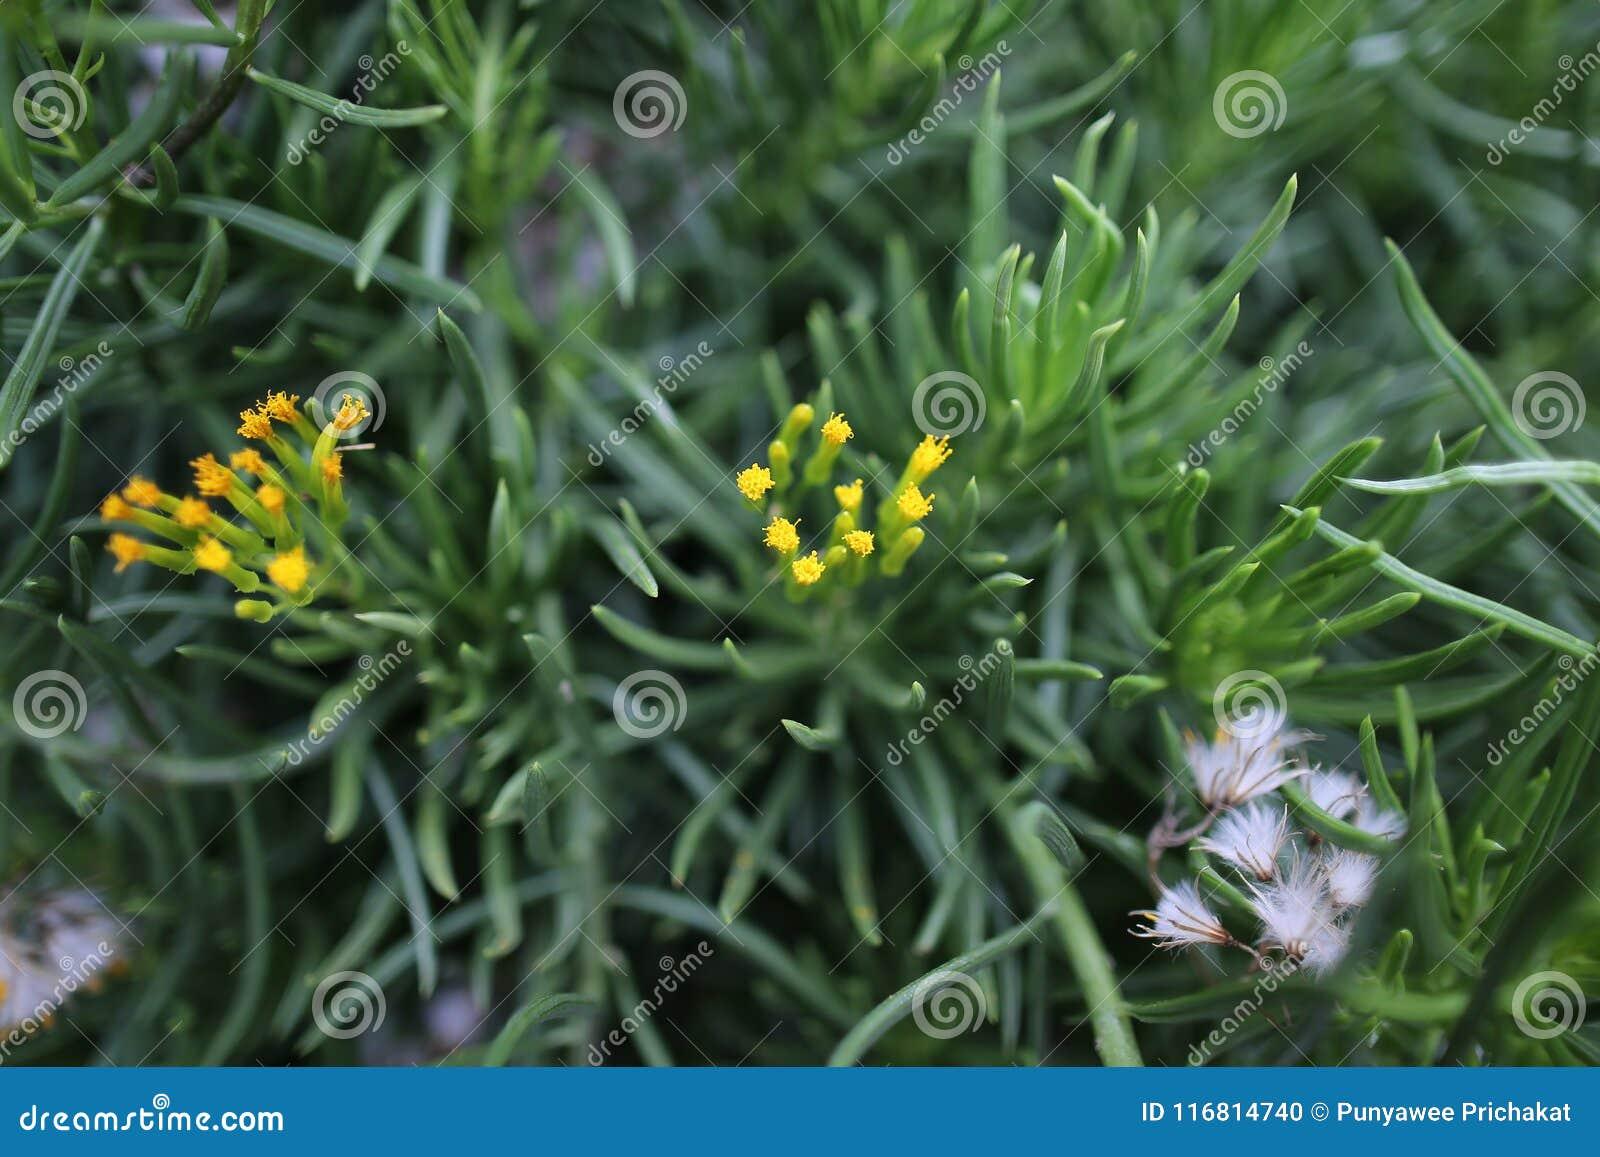 Fiori gialli molto piccoli